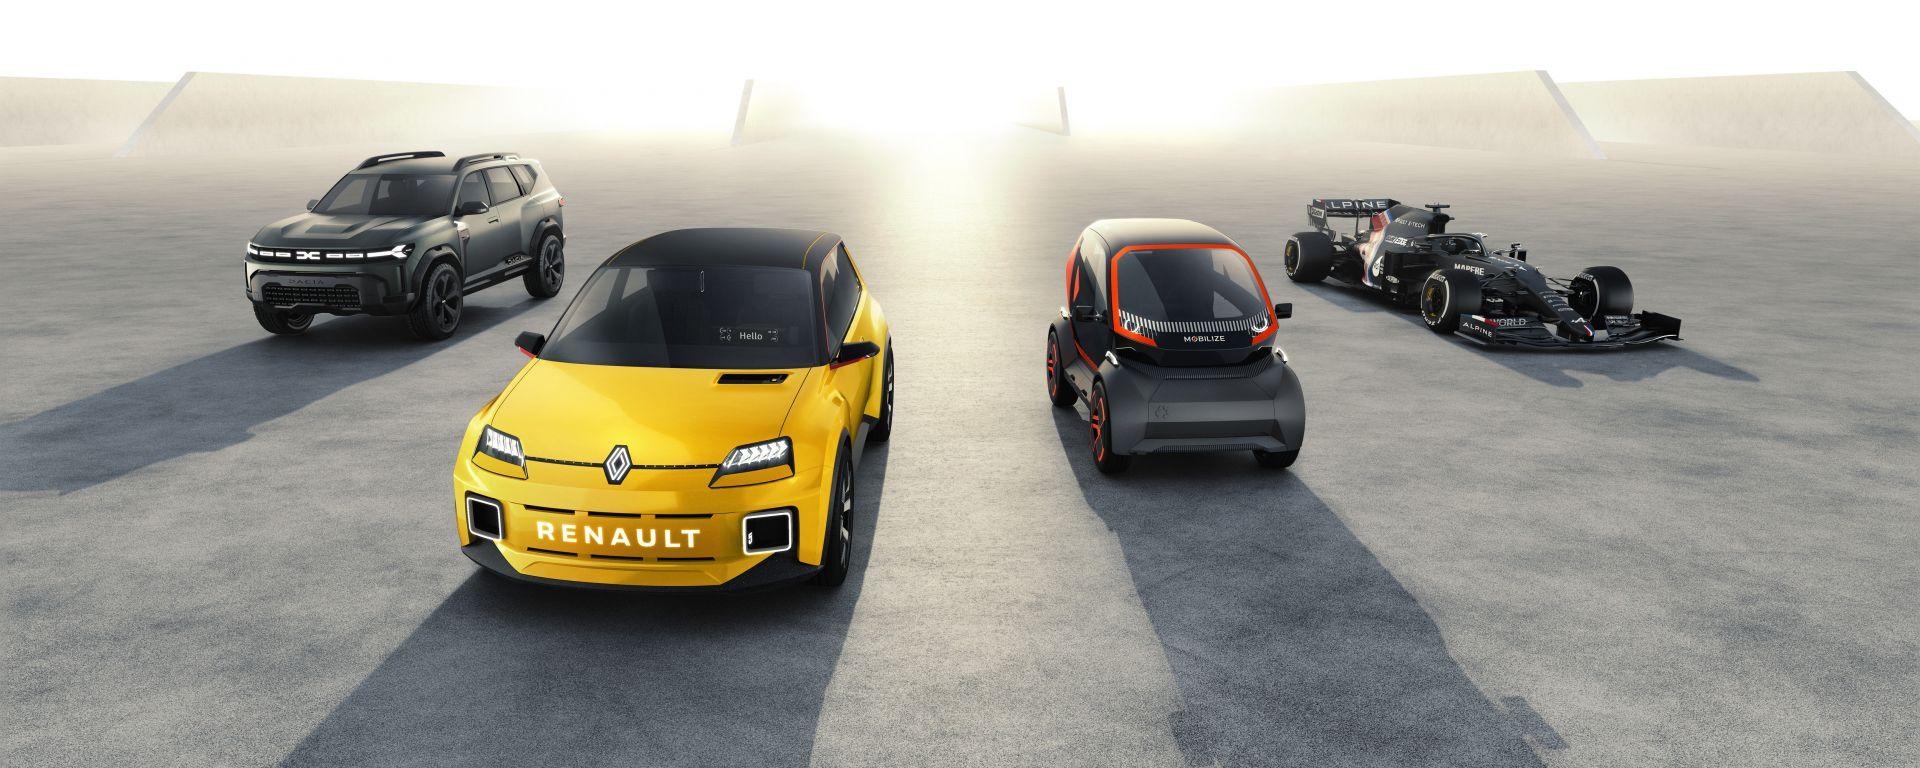 Renaulution, i piani di Renault entro il 2025